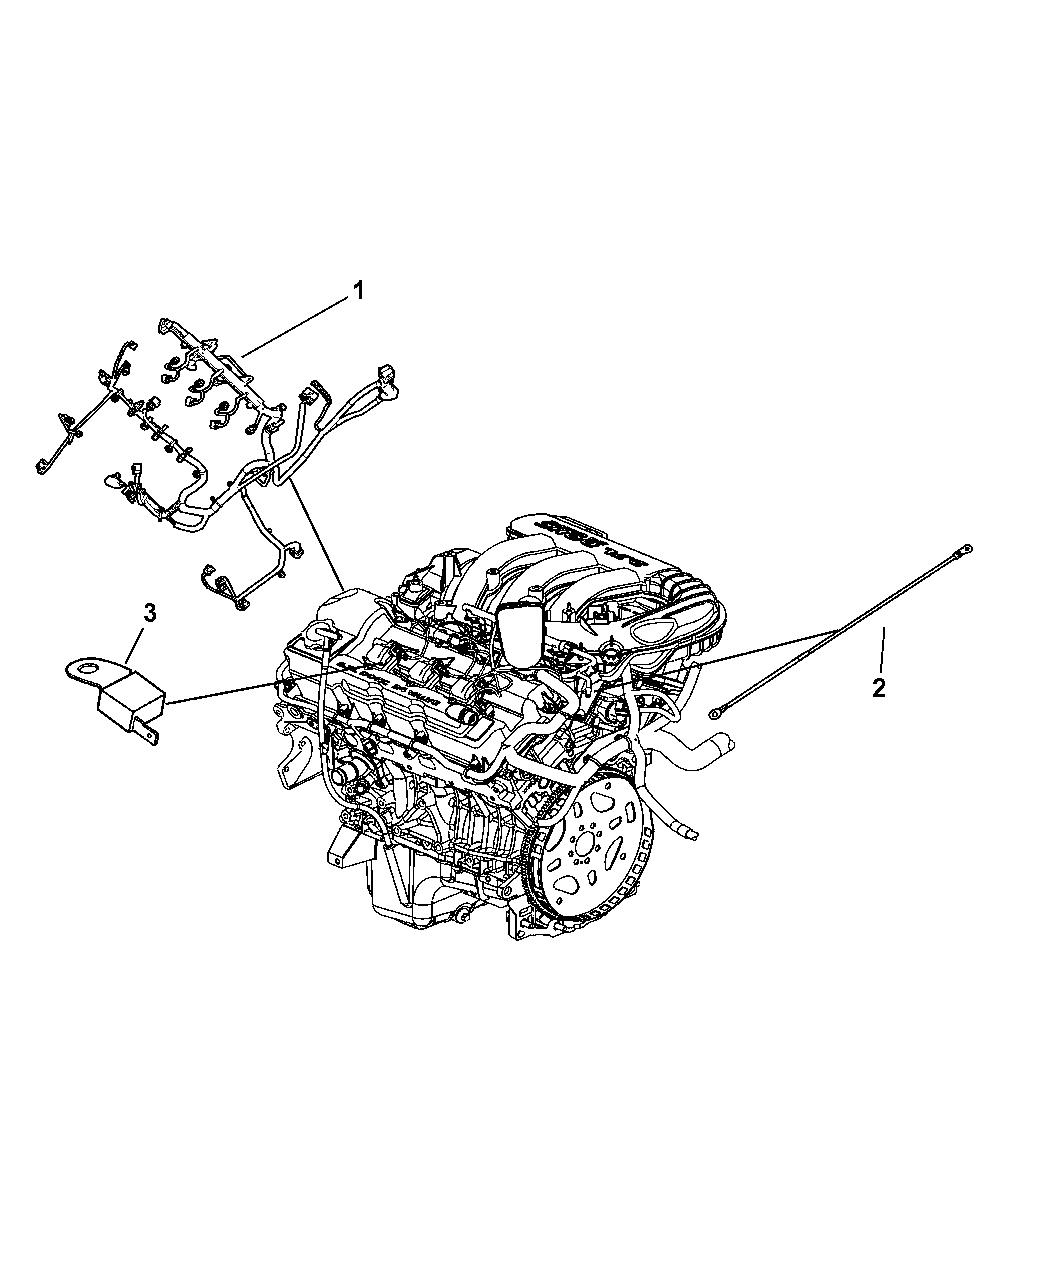 2008 dodge charger wiring engine mopar parts giant Dodge Charger Starter Diagram